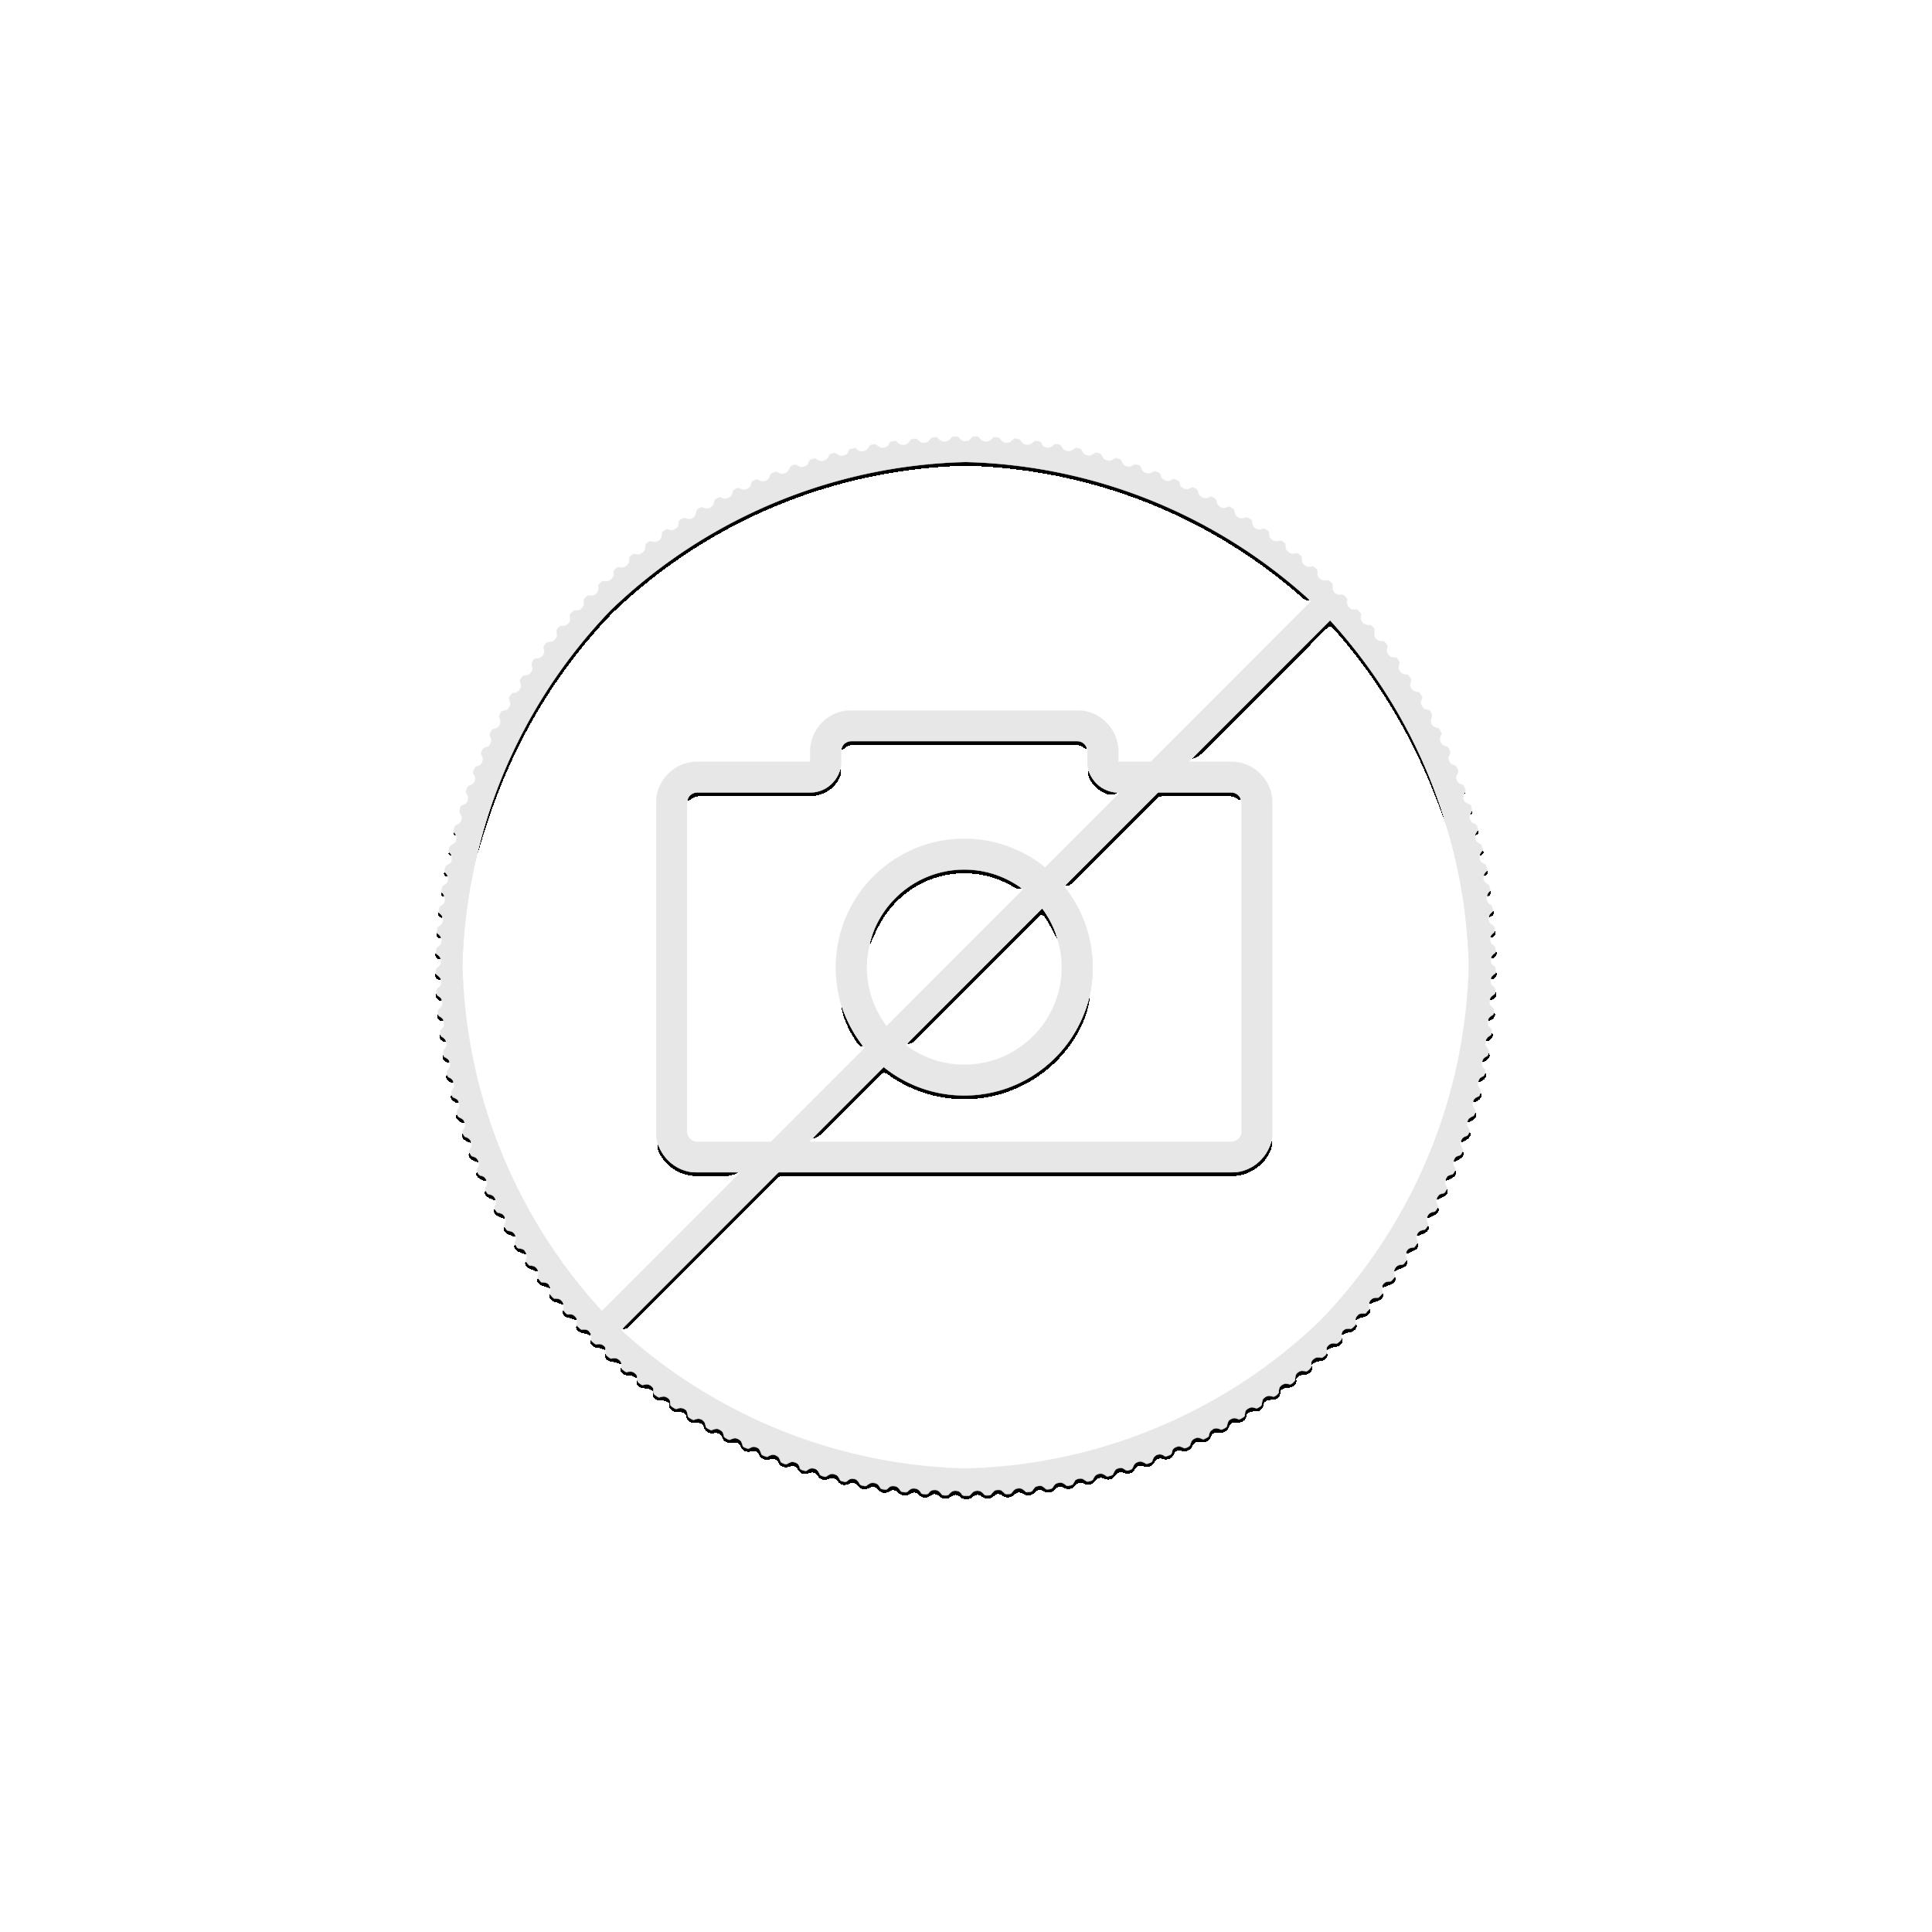 Monsterbox Maple Leaf Zilver 2020/2021 (500 munten)